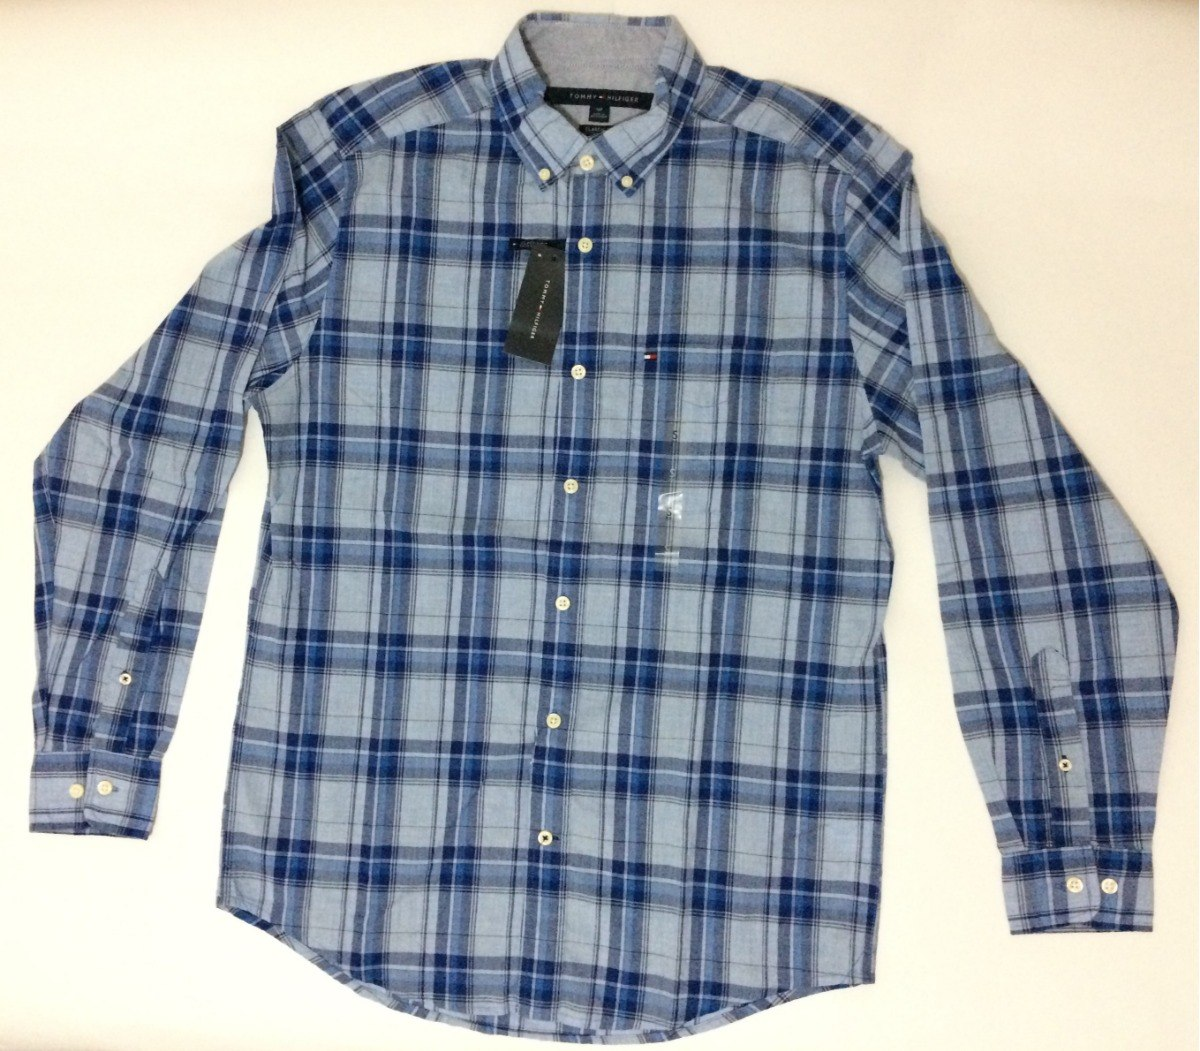 Camisa Tommy Hilfiger Hombre Manga Larga -   130.000 en Mercado Libre f671156e45a